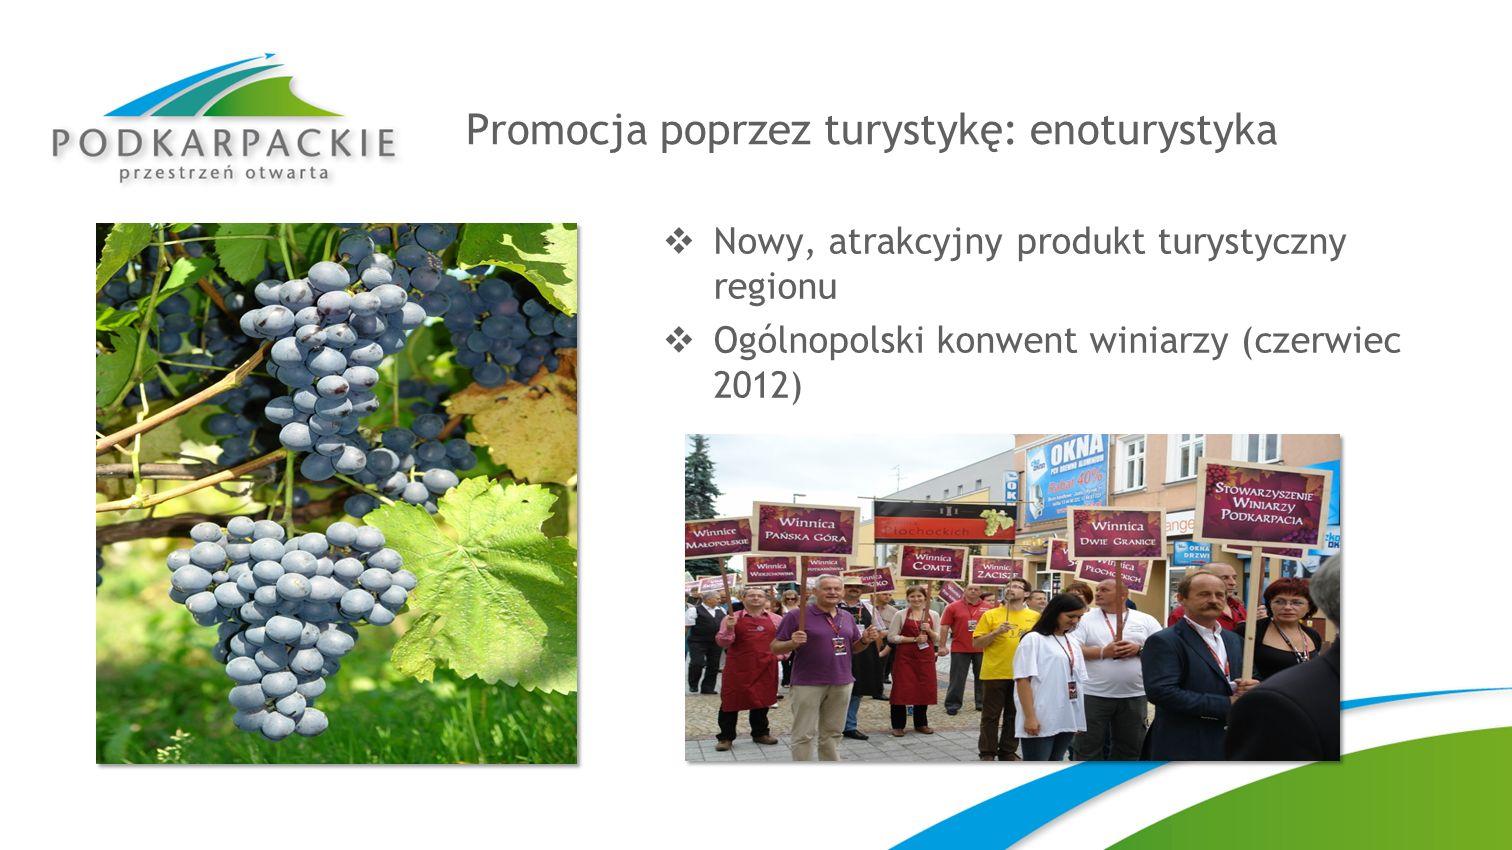 Promocja poprzez turystykę: enoturystyka Nowy, atrakcyjny produkt turystyczny regionu Ogólnopolski konwent winiarzy (czerwiec 2012)